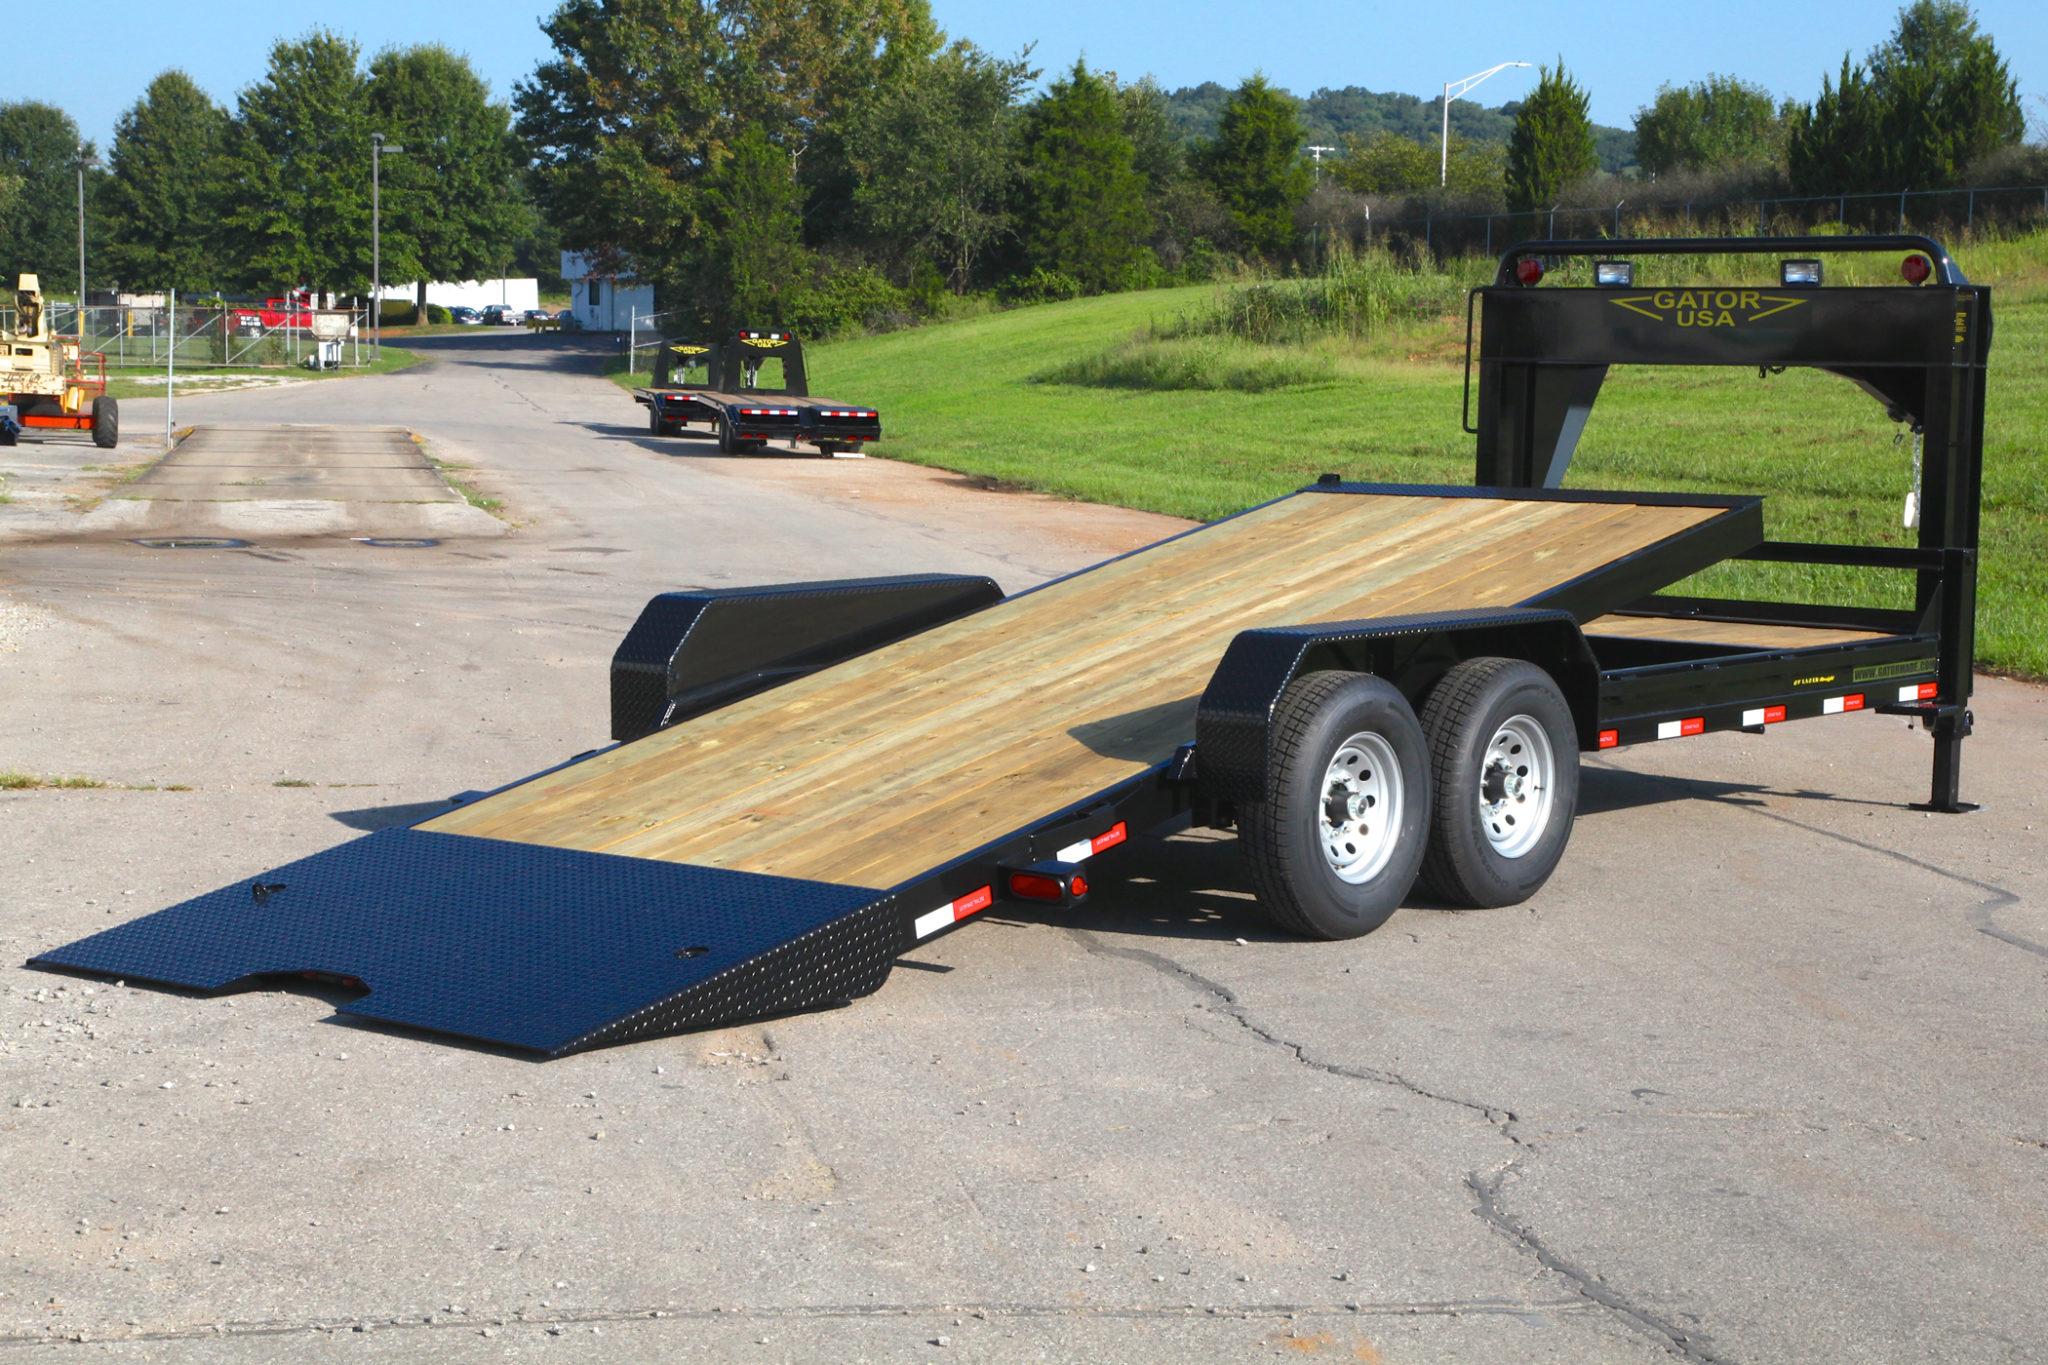 heavy duty professional grade gooseneck tilt bed trailer. Black Bedroom Furniture Sets. Home Design Ideas